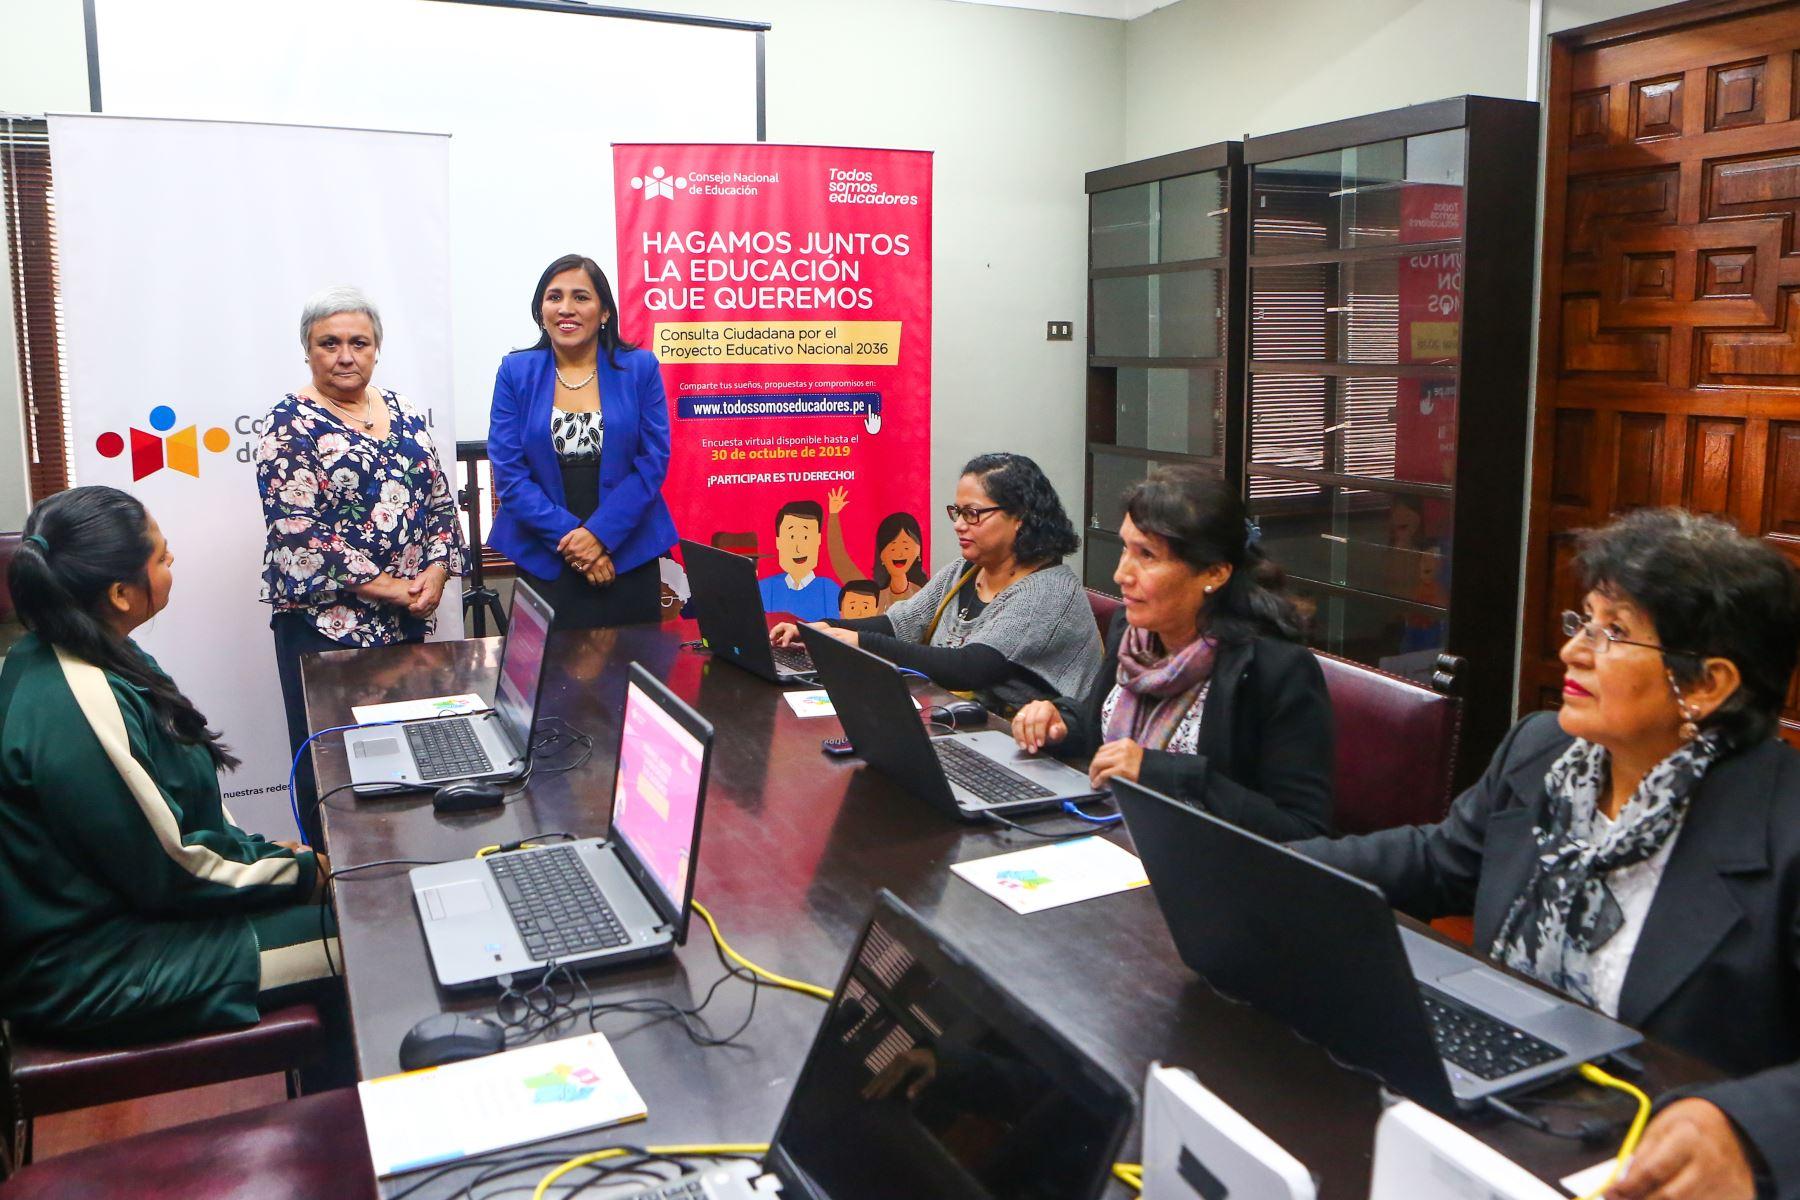 La ministra de Educación, Flor Pablo, asistió a lanzamiento de encuesta virtual. ANDINA/Héctor Vinces